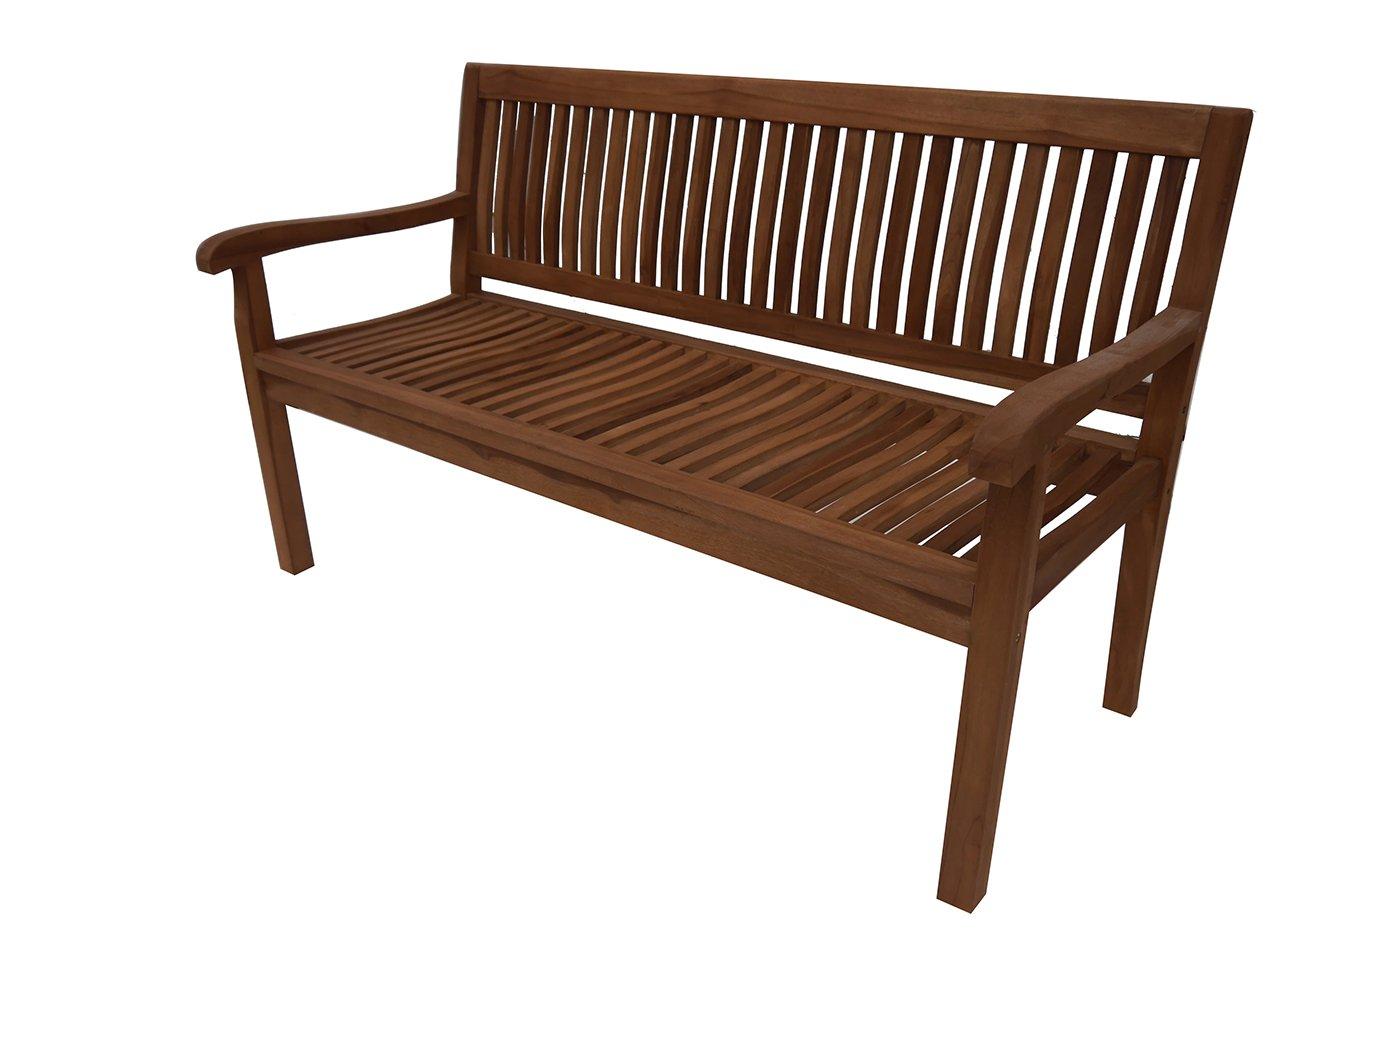 SAM® A Klasse Teak Holz 3 Sitzer Gartenbank Sitzbank Dumai 150 cm bestellen